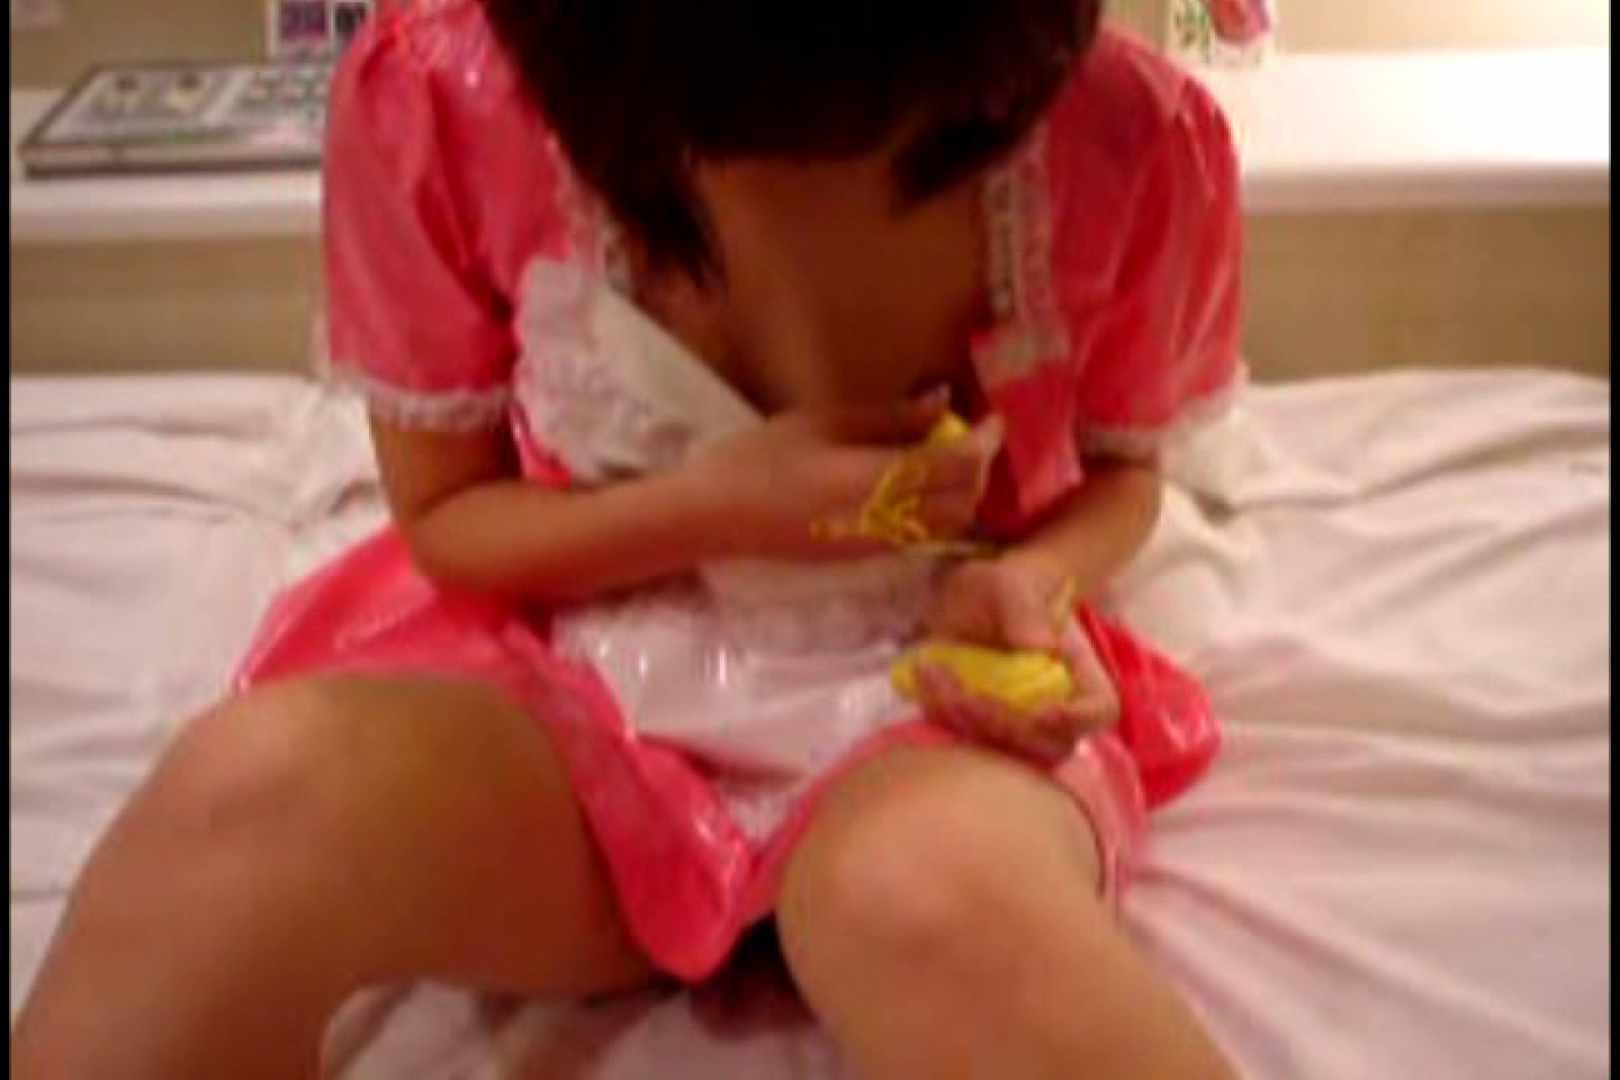 ウイルス流出 九州工学部女子大生藤野瑠美 女子大生の裸体 | 流出作品  76画像 17